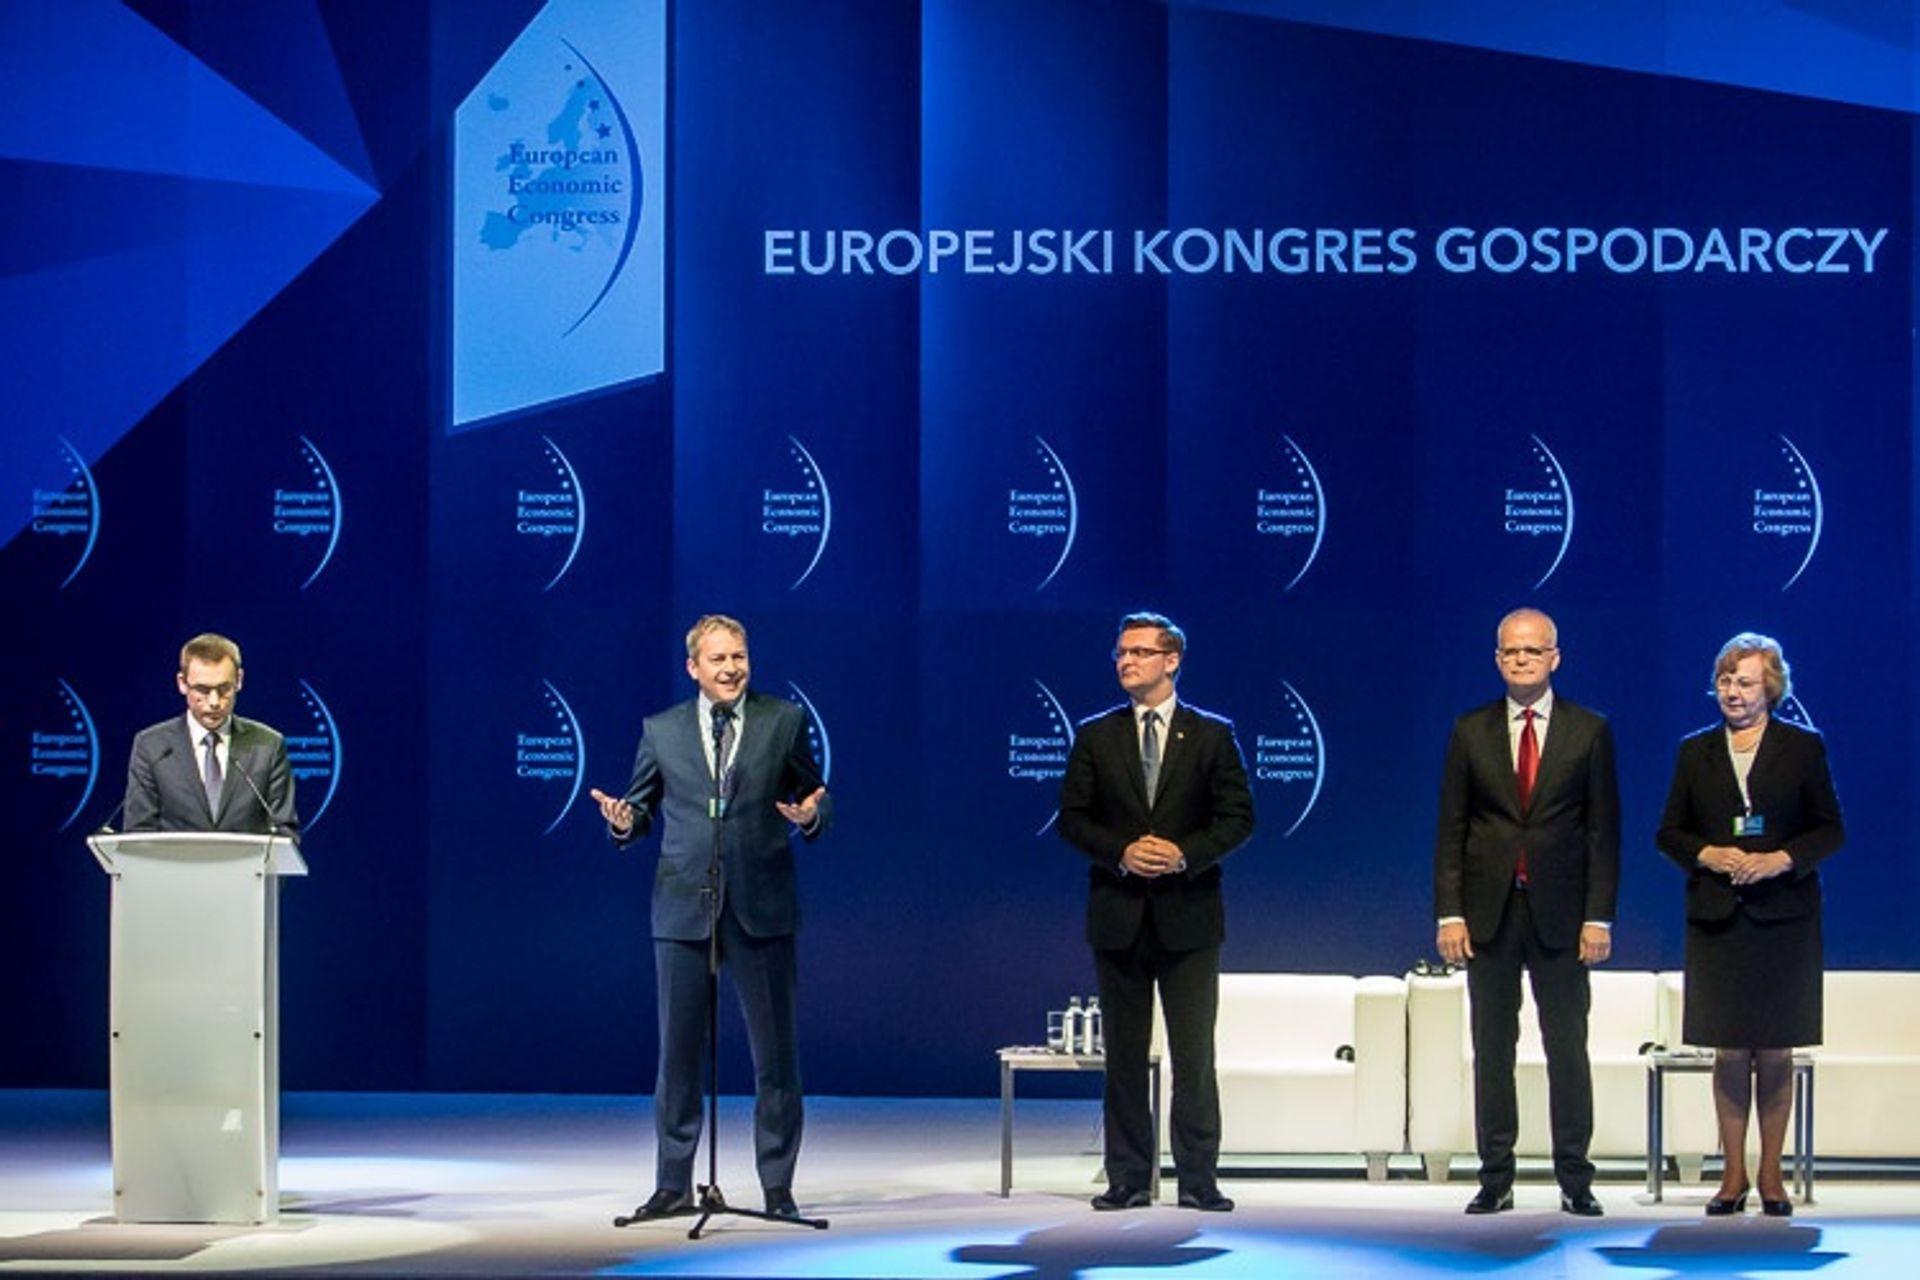 [Katowice] Europejski Kongres Gospodarczy: innowacyjność receptą na lepszą przyszłość